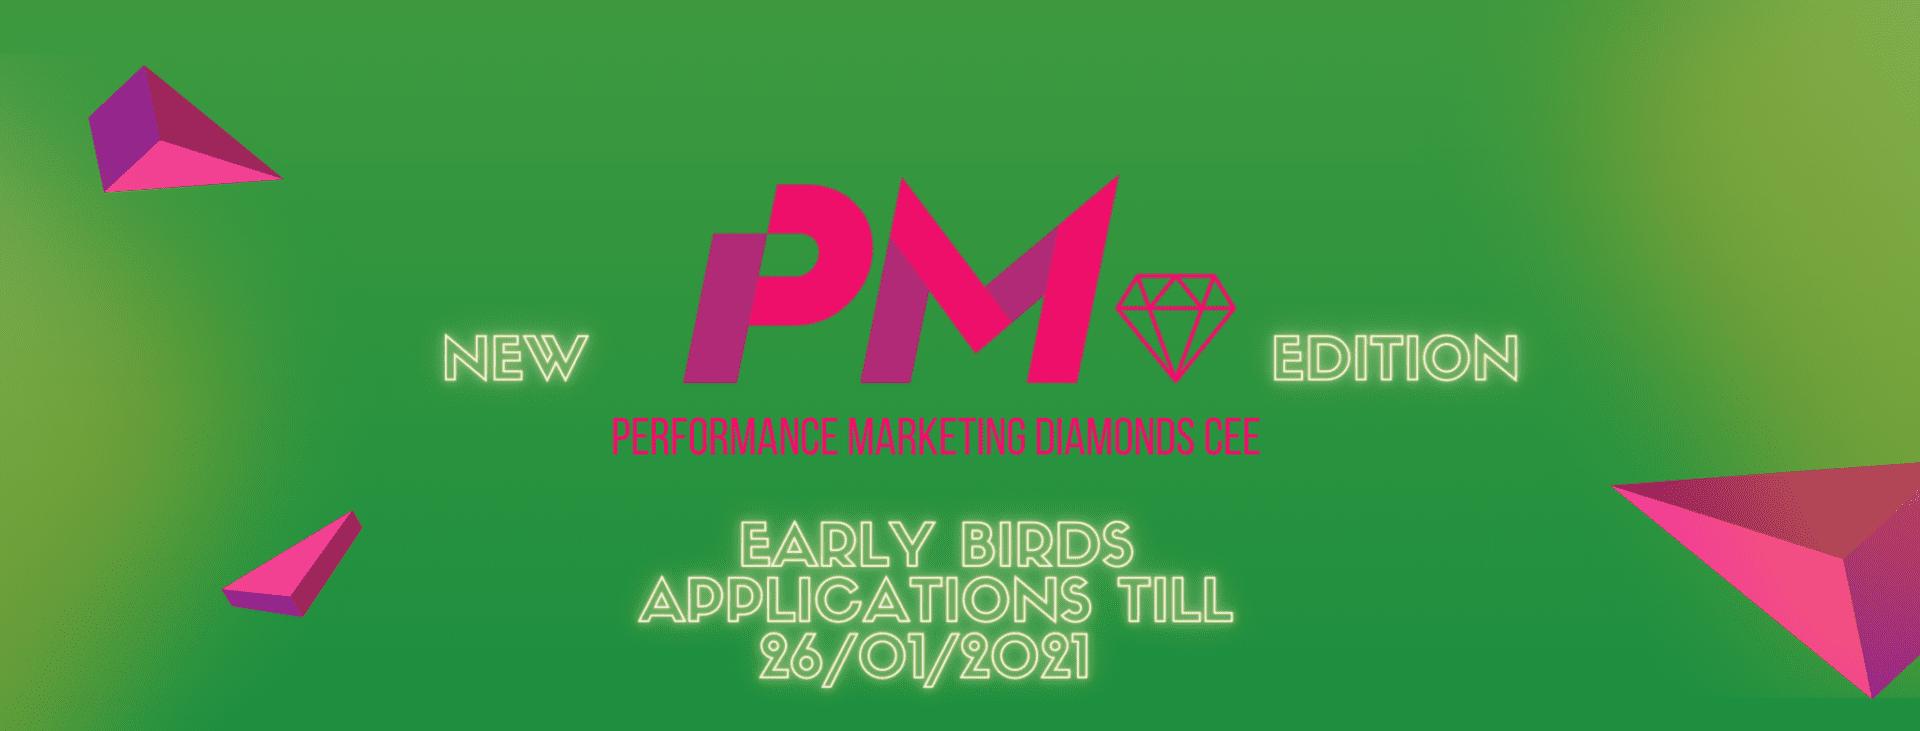 Ostatni moment na zgłoszenie się w pierwszym progu cenowym do konkursu Performance Marketing Diamonds CEE 2021!